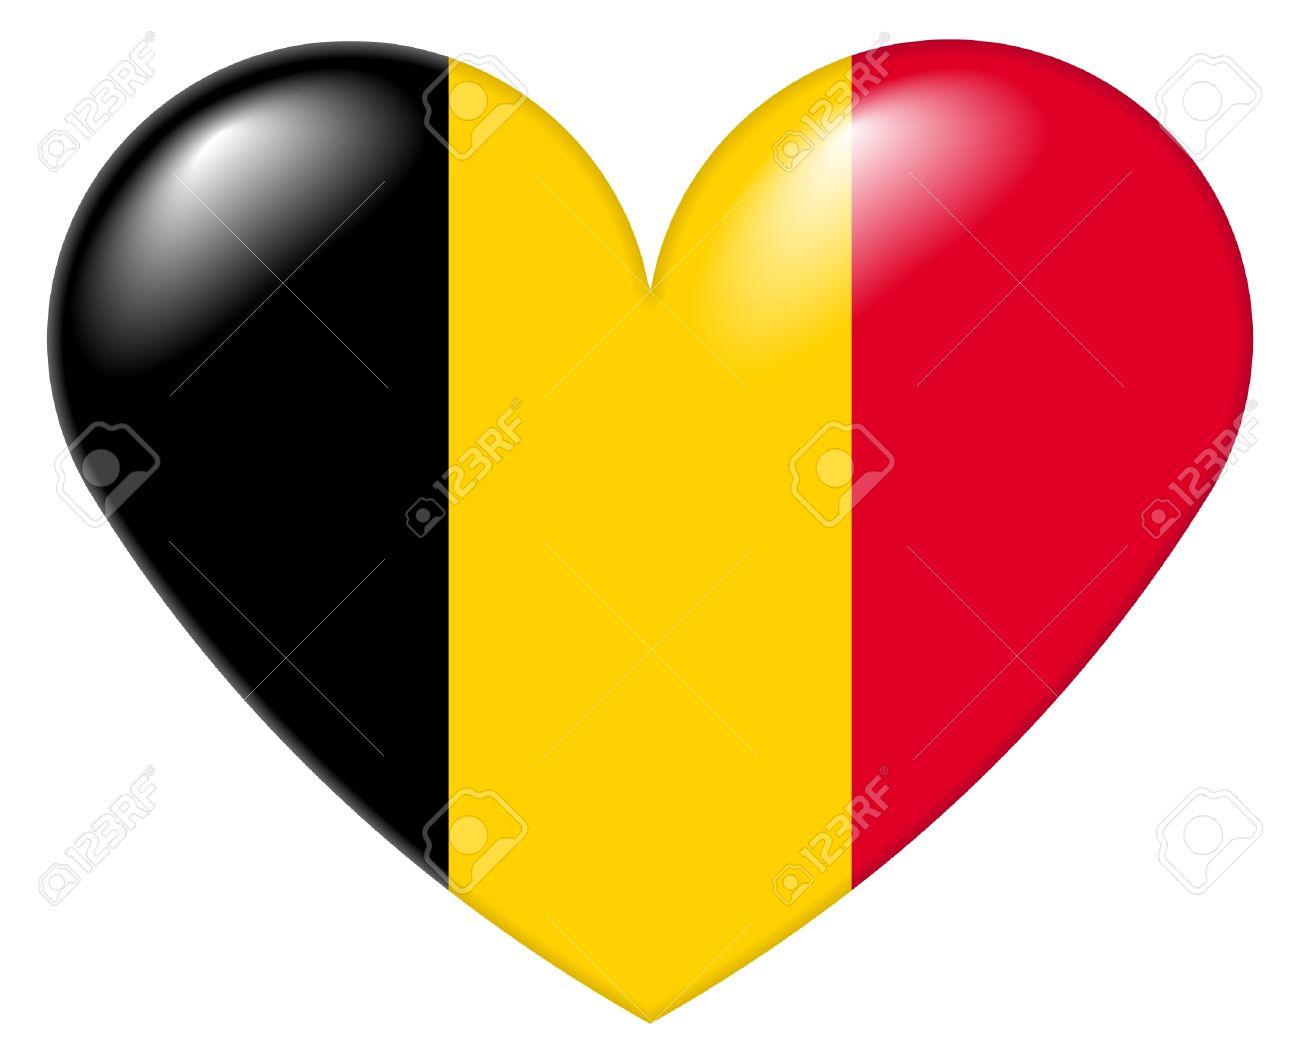 couleurs-drapeau-de-la-belgique